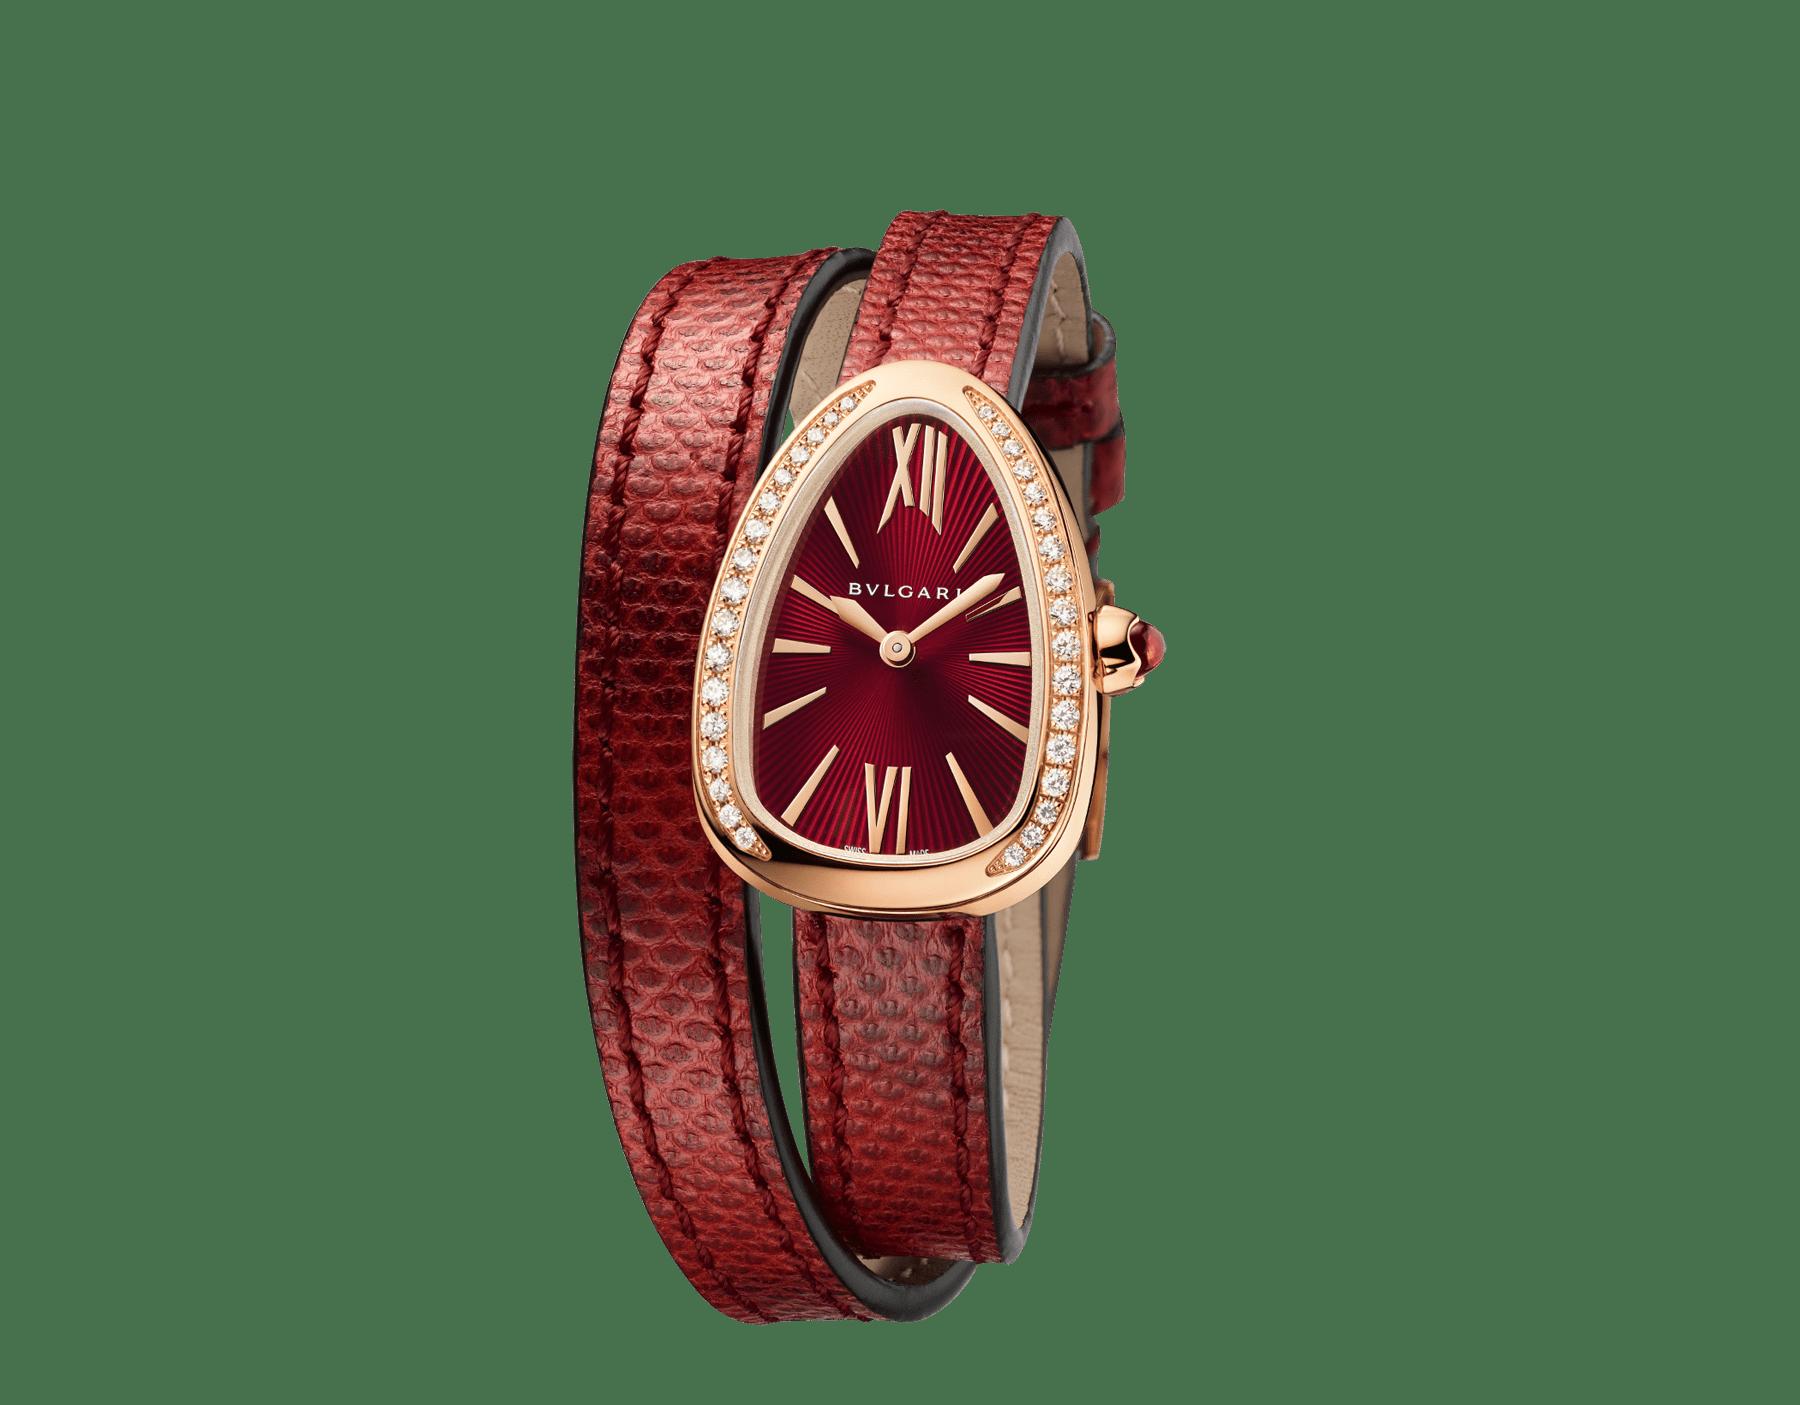 Montre Serpenti avec boîtier en or rose 18K serti de diamants taille brillant, cadran laqué rouge et bracelet double spirale interchangeable en cuir de karung rouge. 102730 image 2